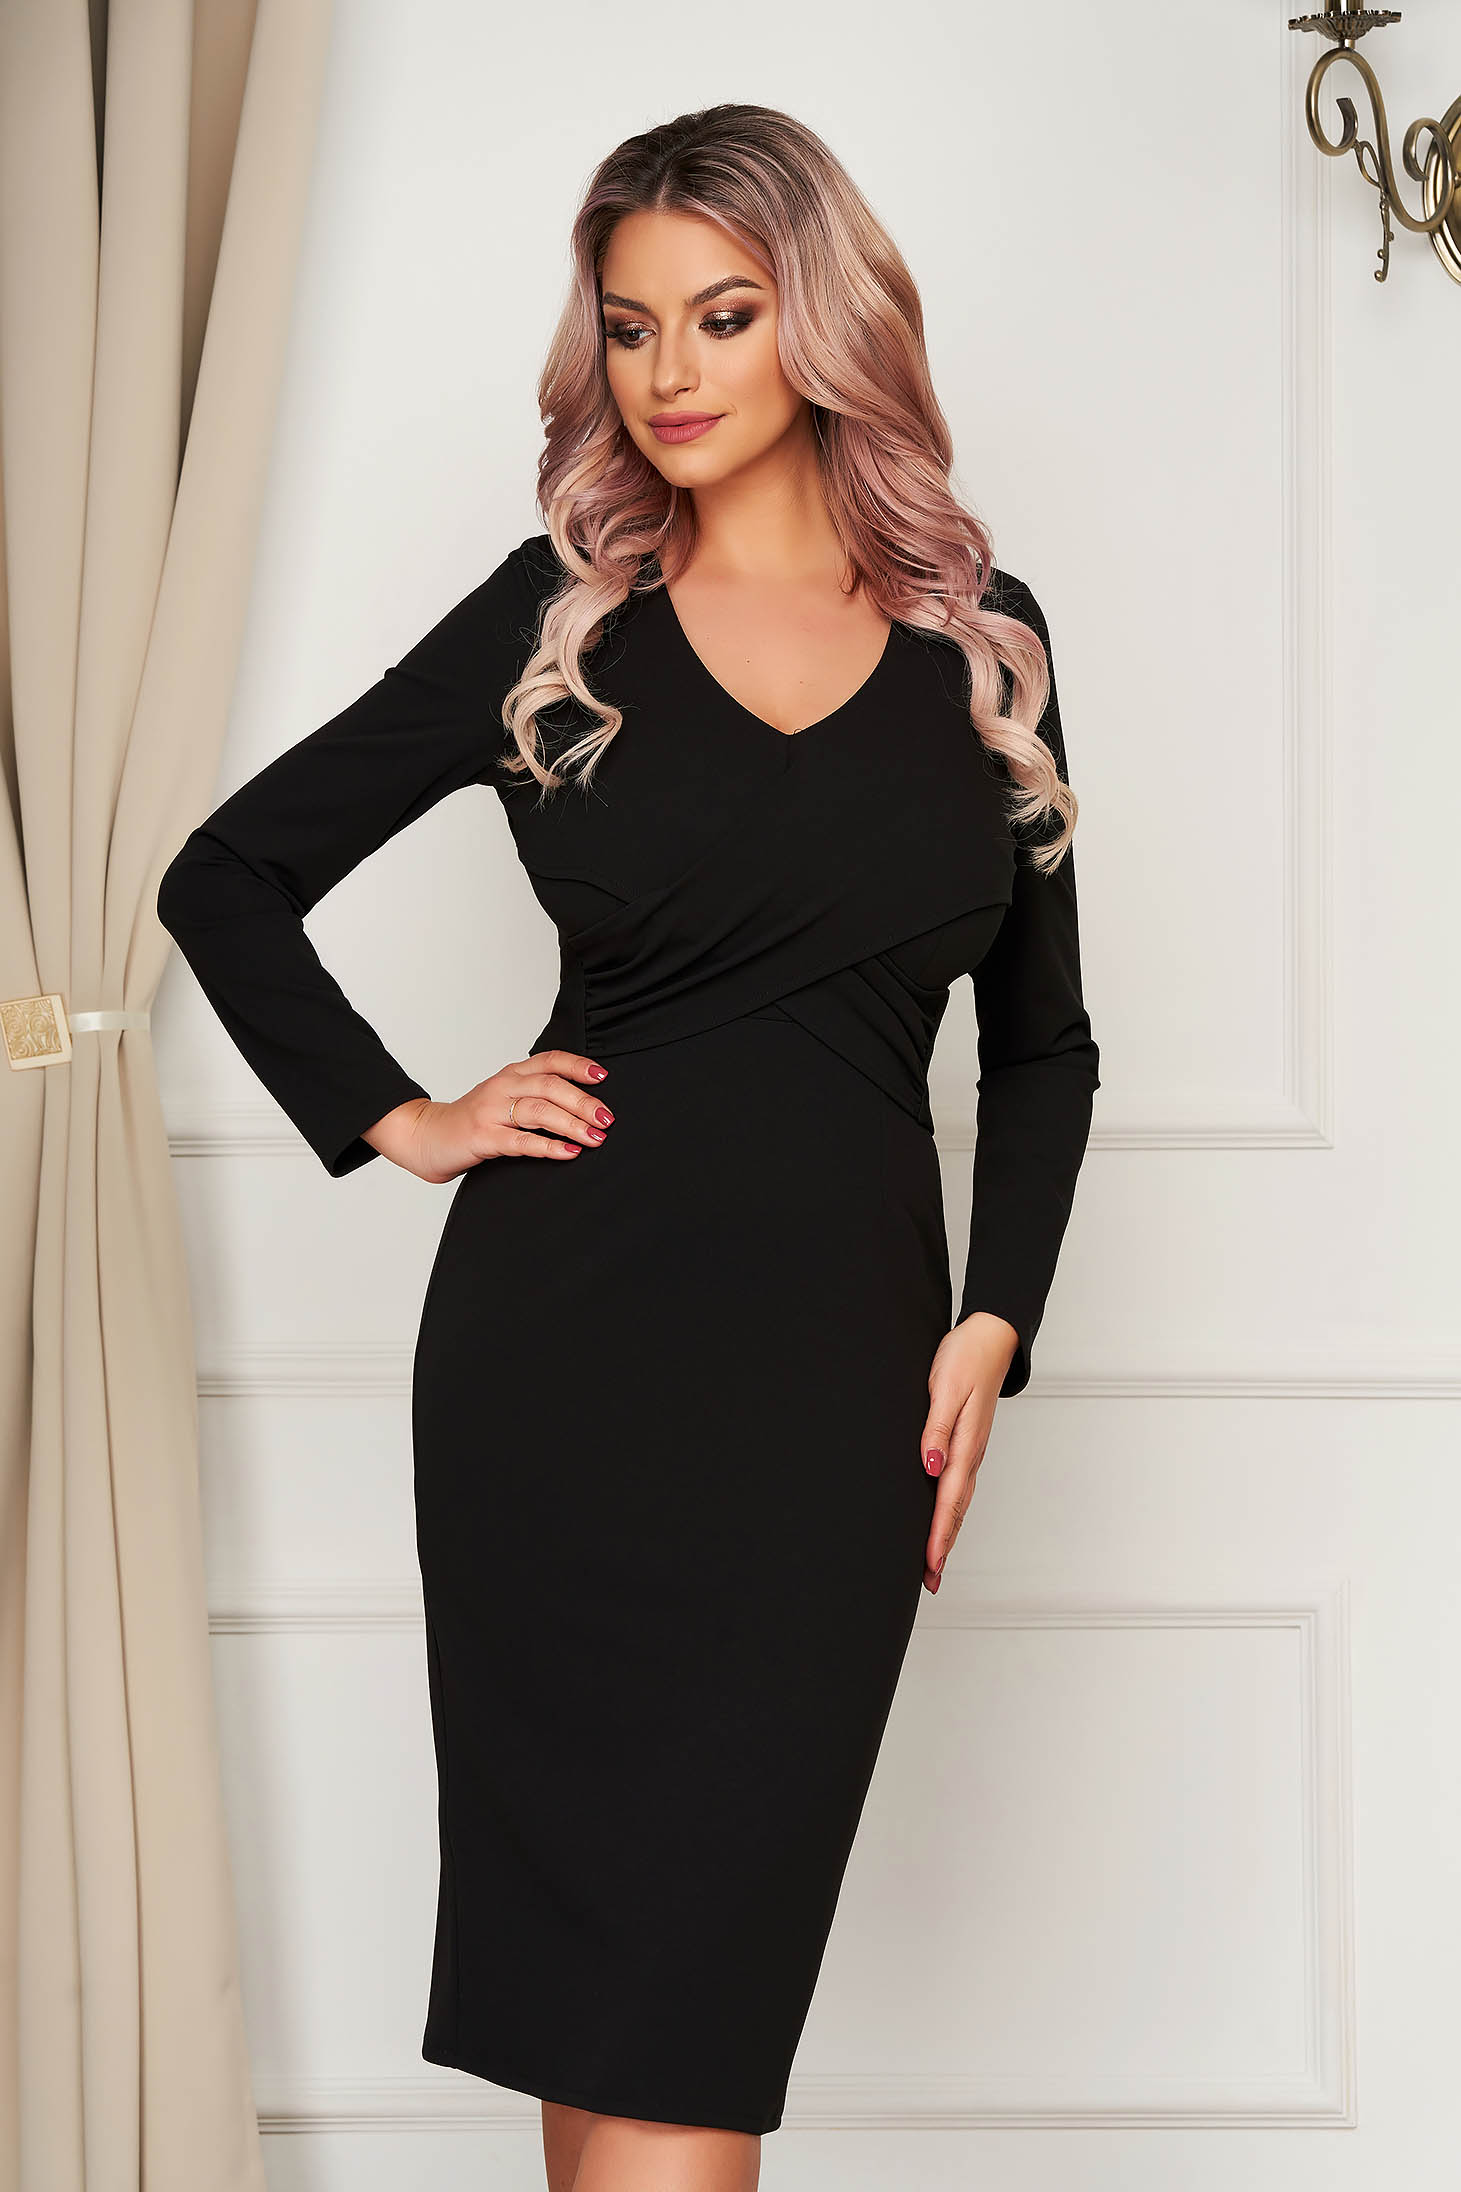 Fekete elegáns szűk szabású ruha v-dekoltázzsal